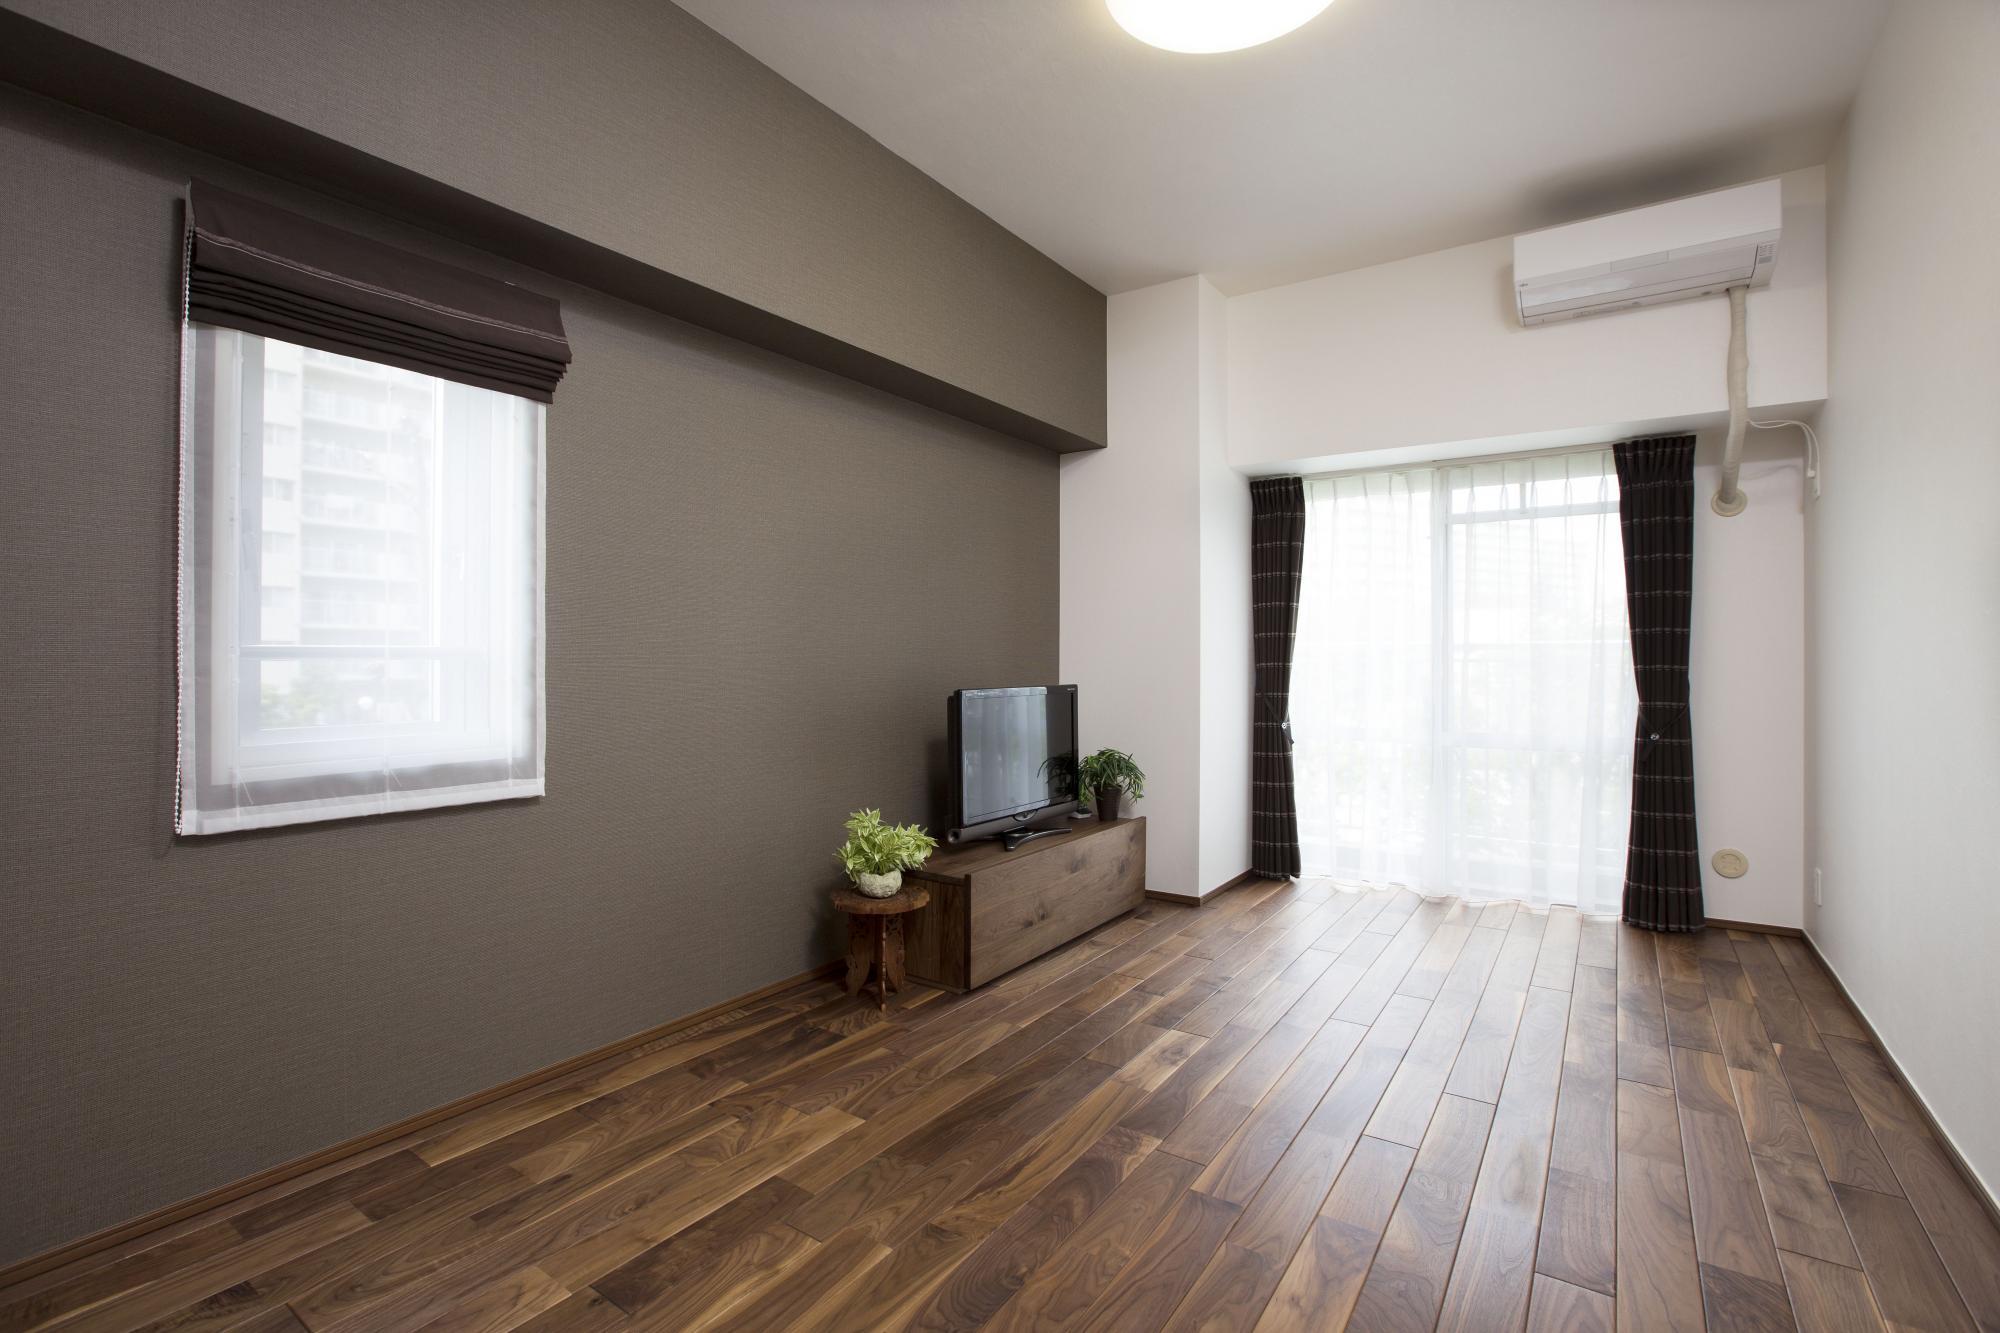 洋室の床も18mmのウォルナット無垢材。壁はグレーのアクセントクロスでシックに演出し、カーテンは室内の雰囲気にあわせて選んだ。